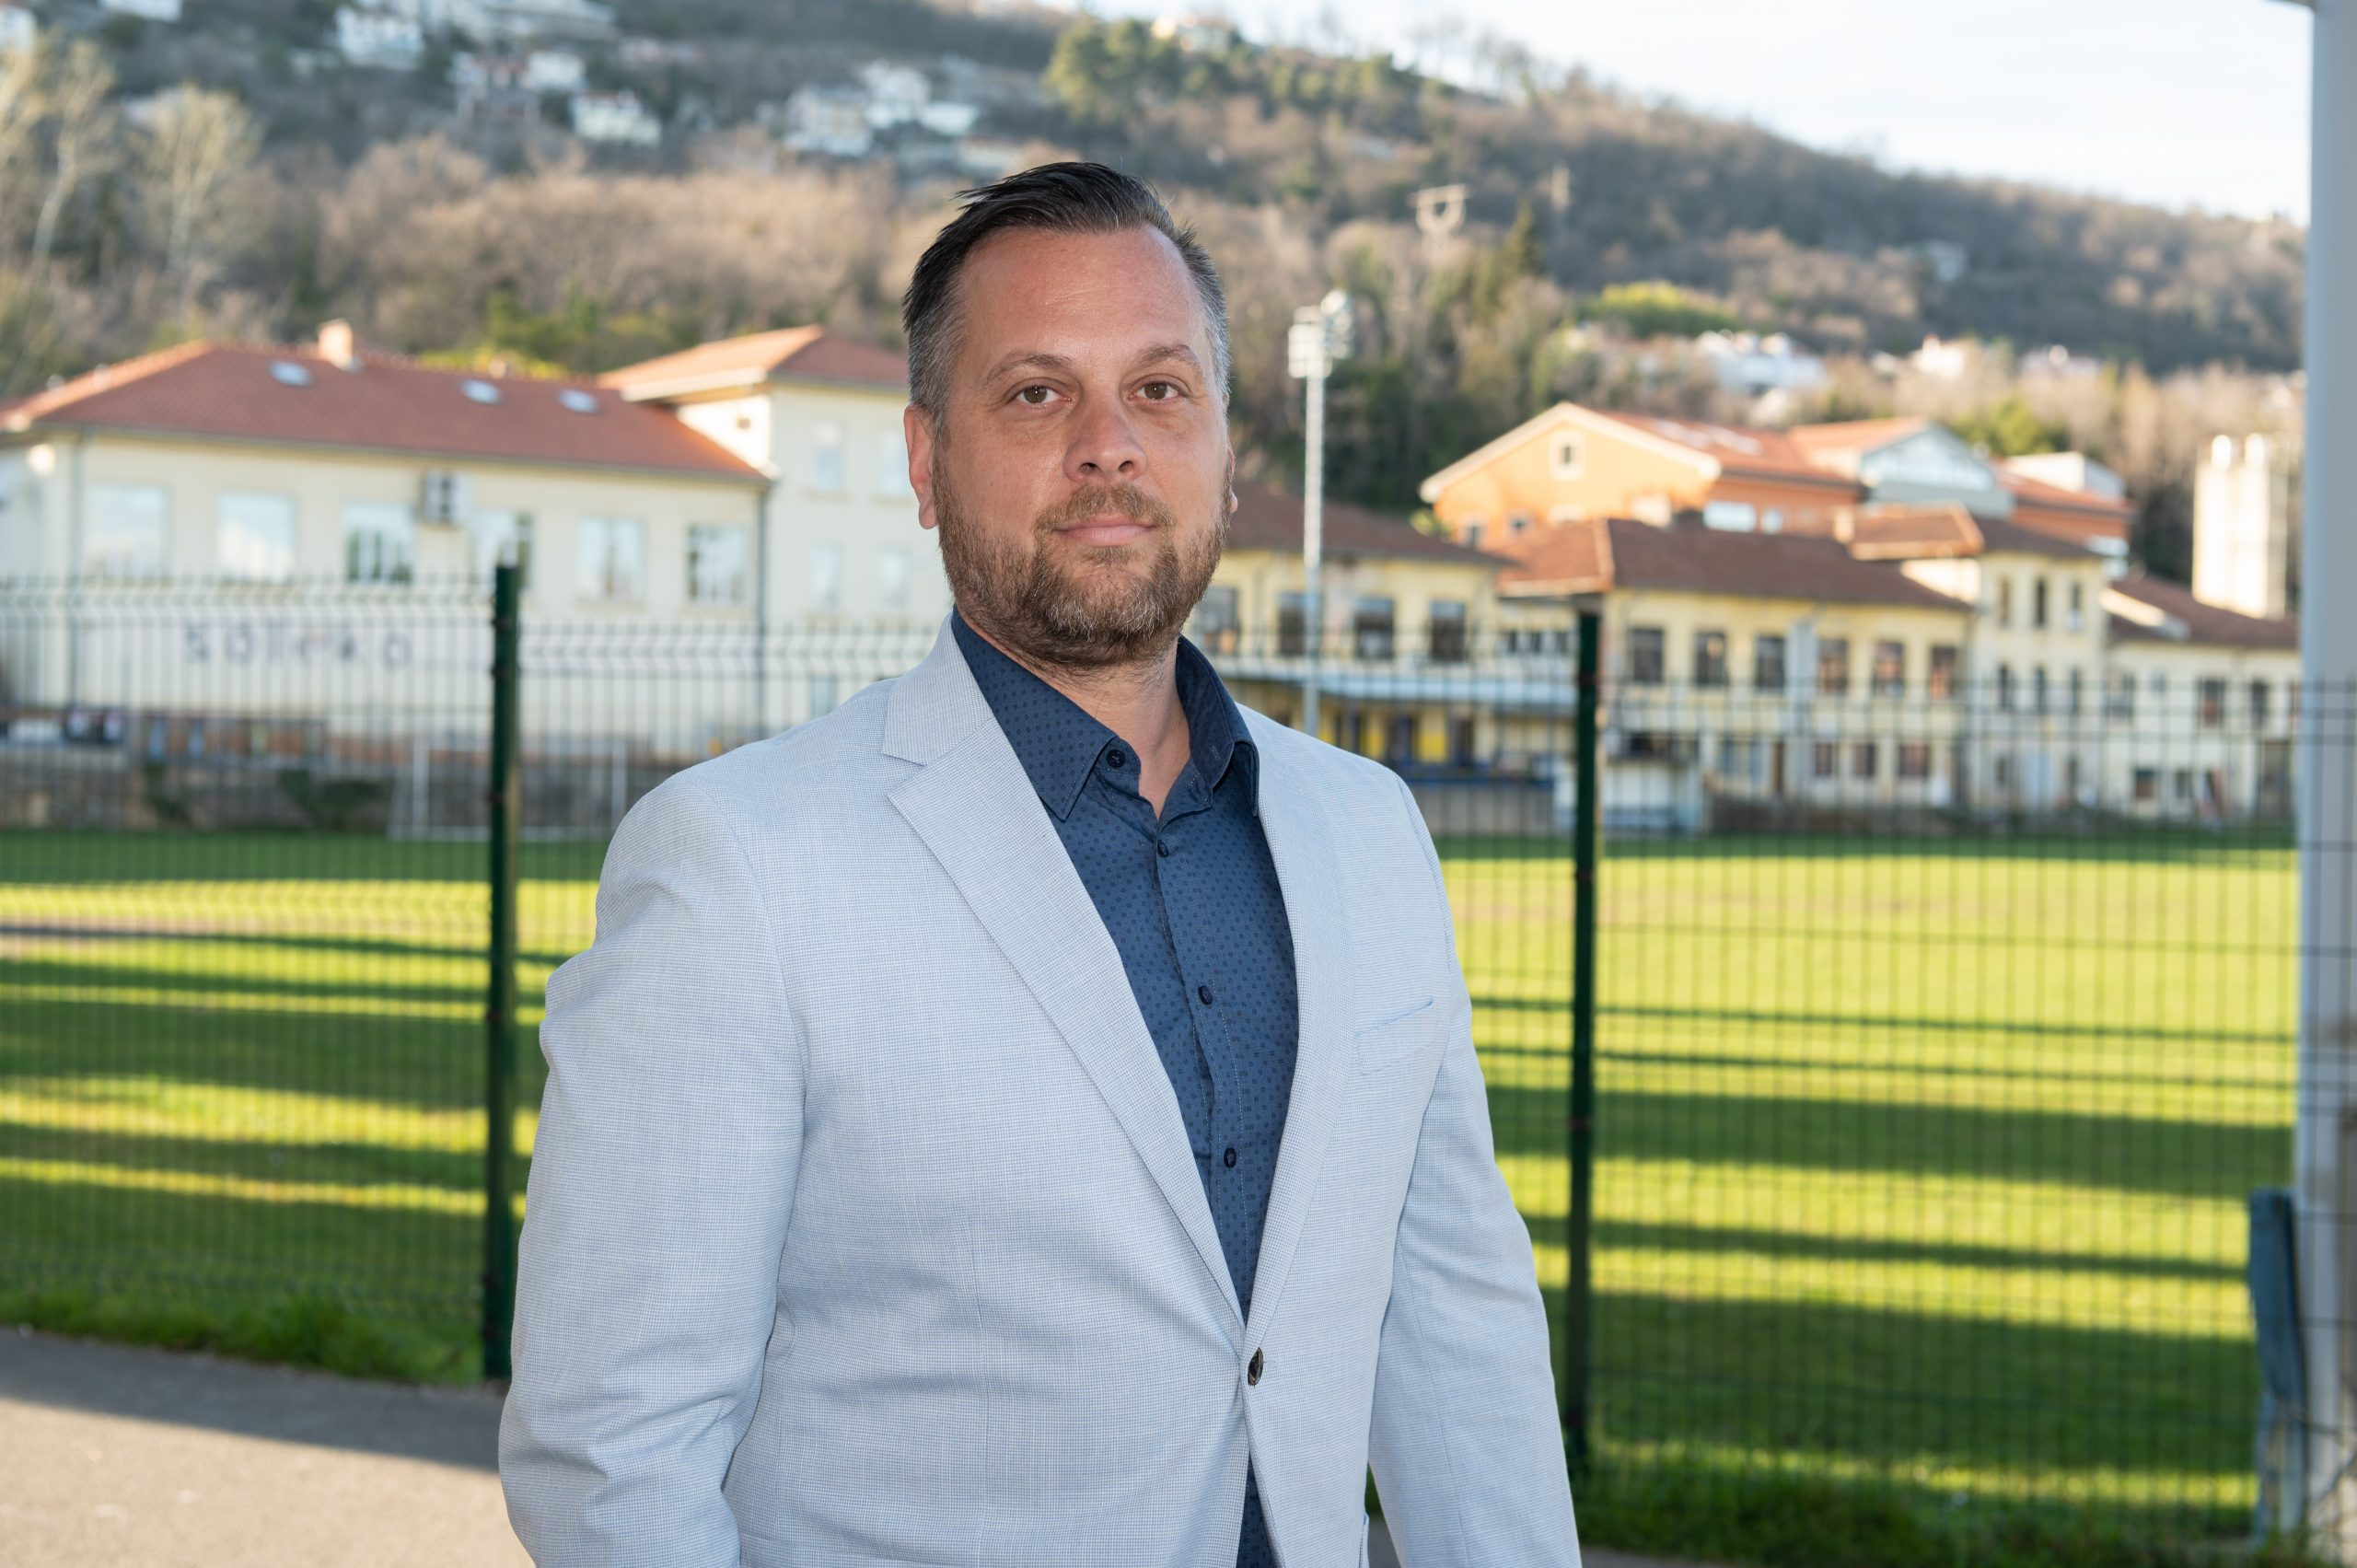 Foto Luigi Opatija, Općina Lovran, Načelnik Bojan Simonič, Po